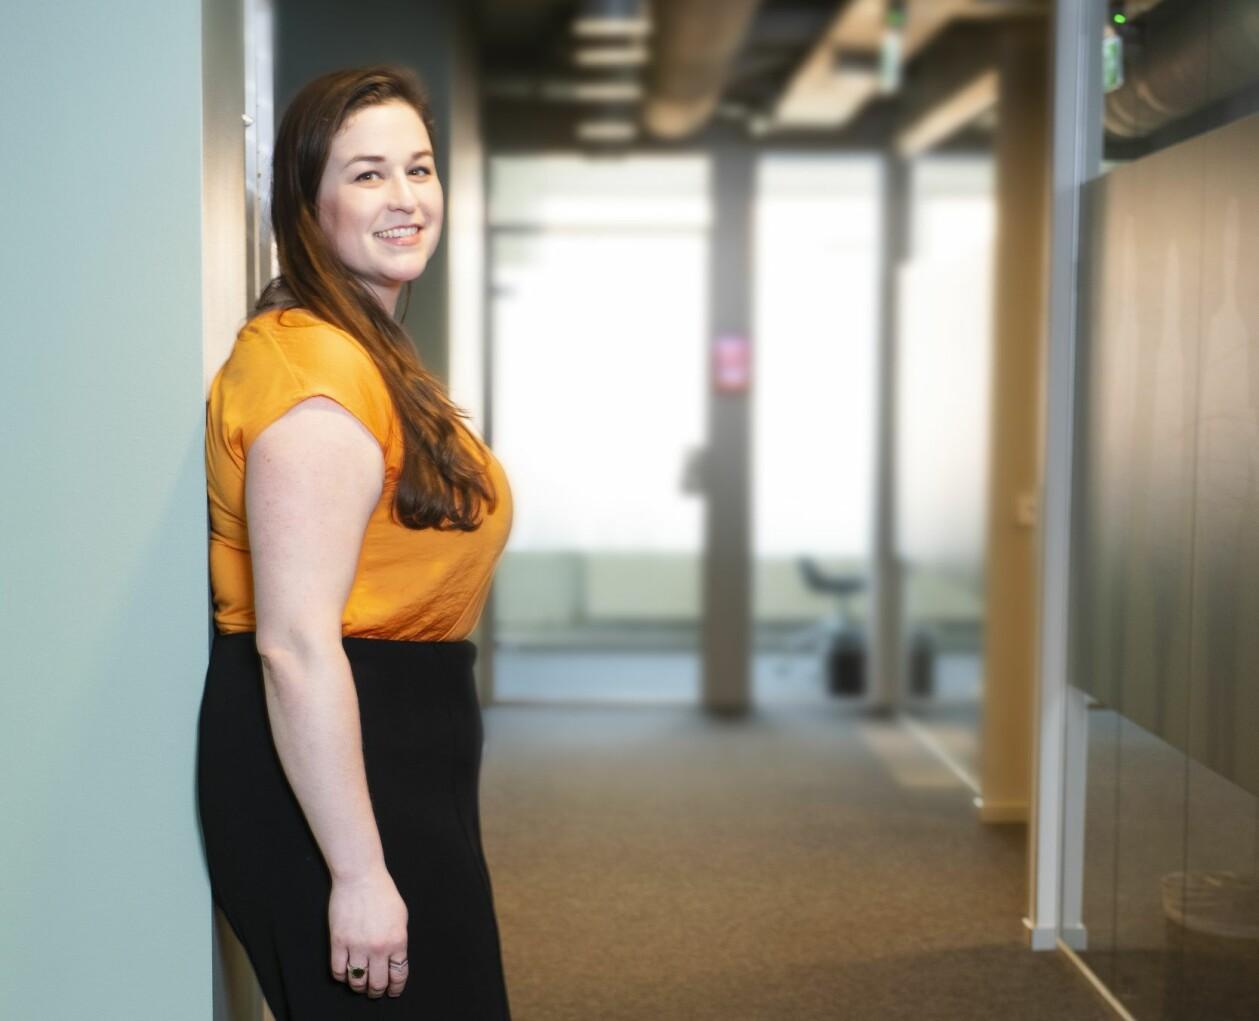 Ekonomen Sabrina Thams står lutad mot en vägg och ler.